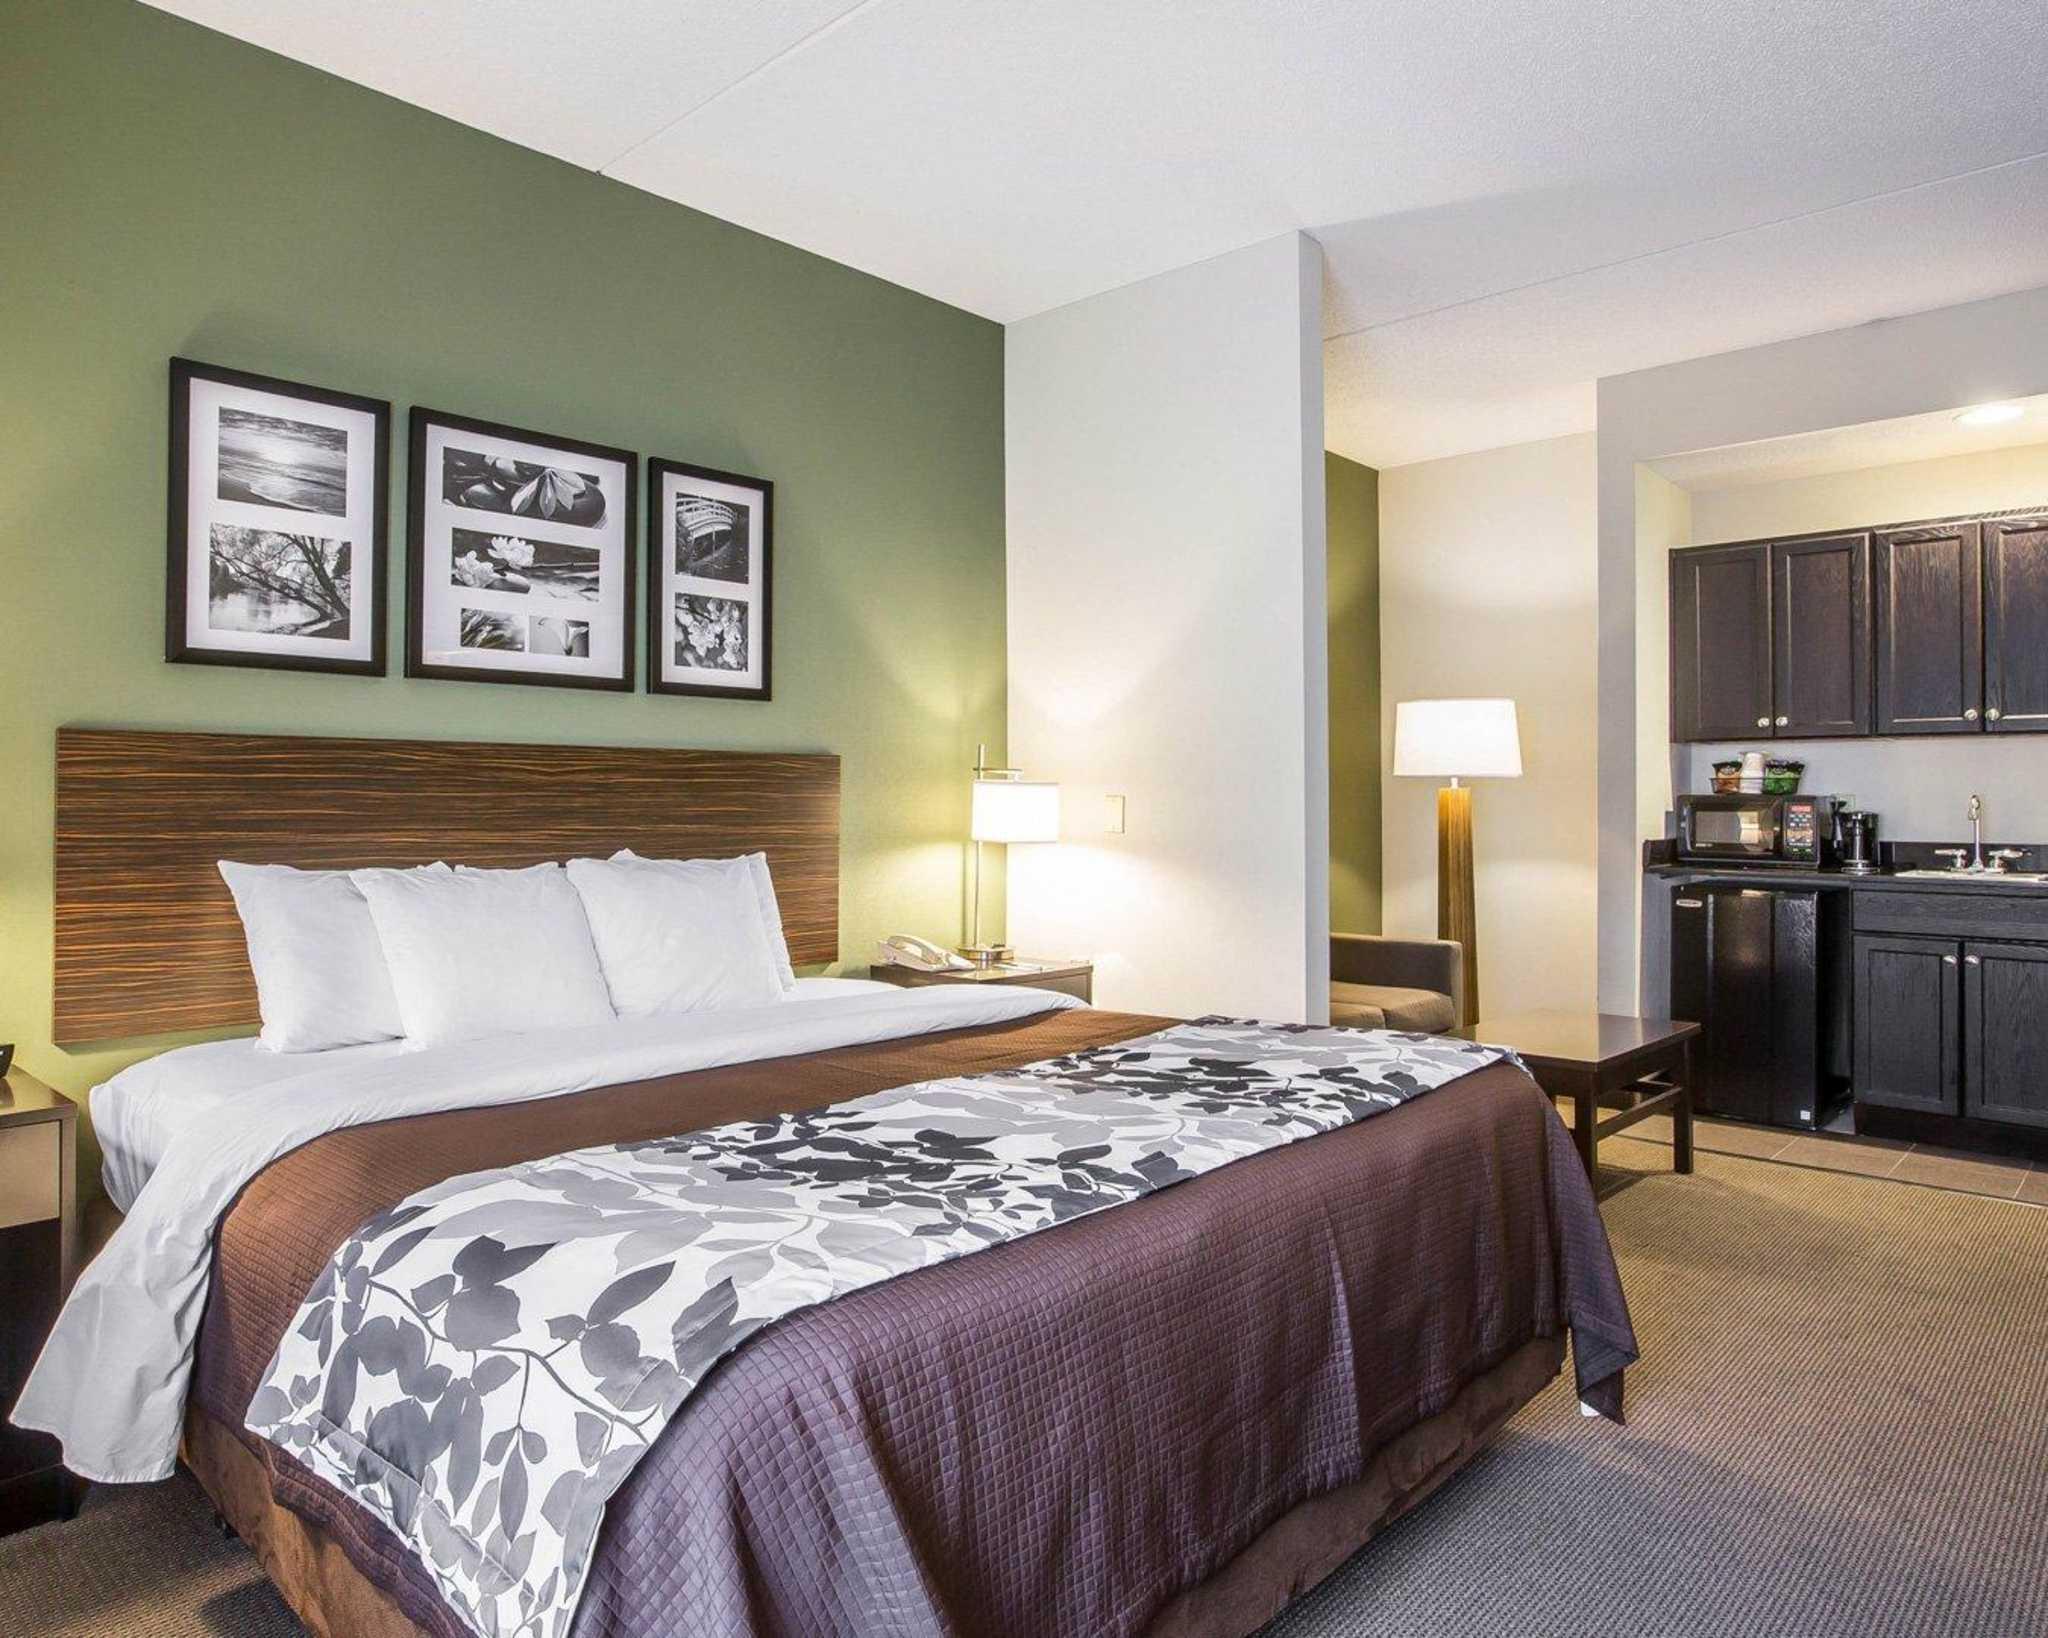 Sleep Inn & Suites image 14